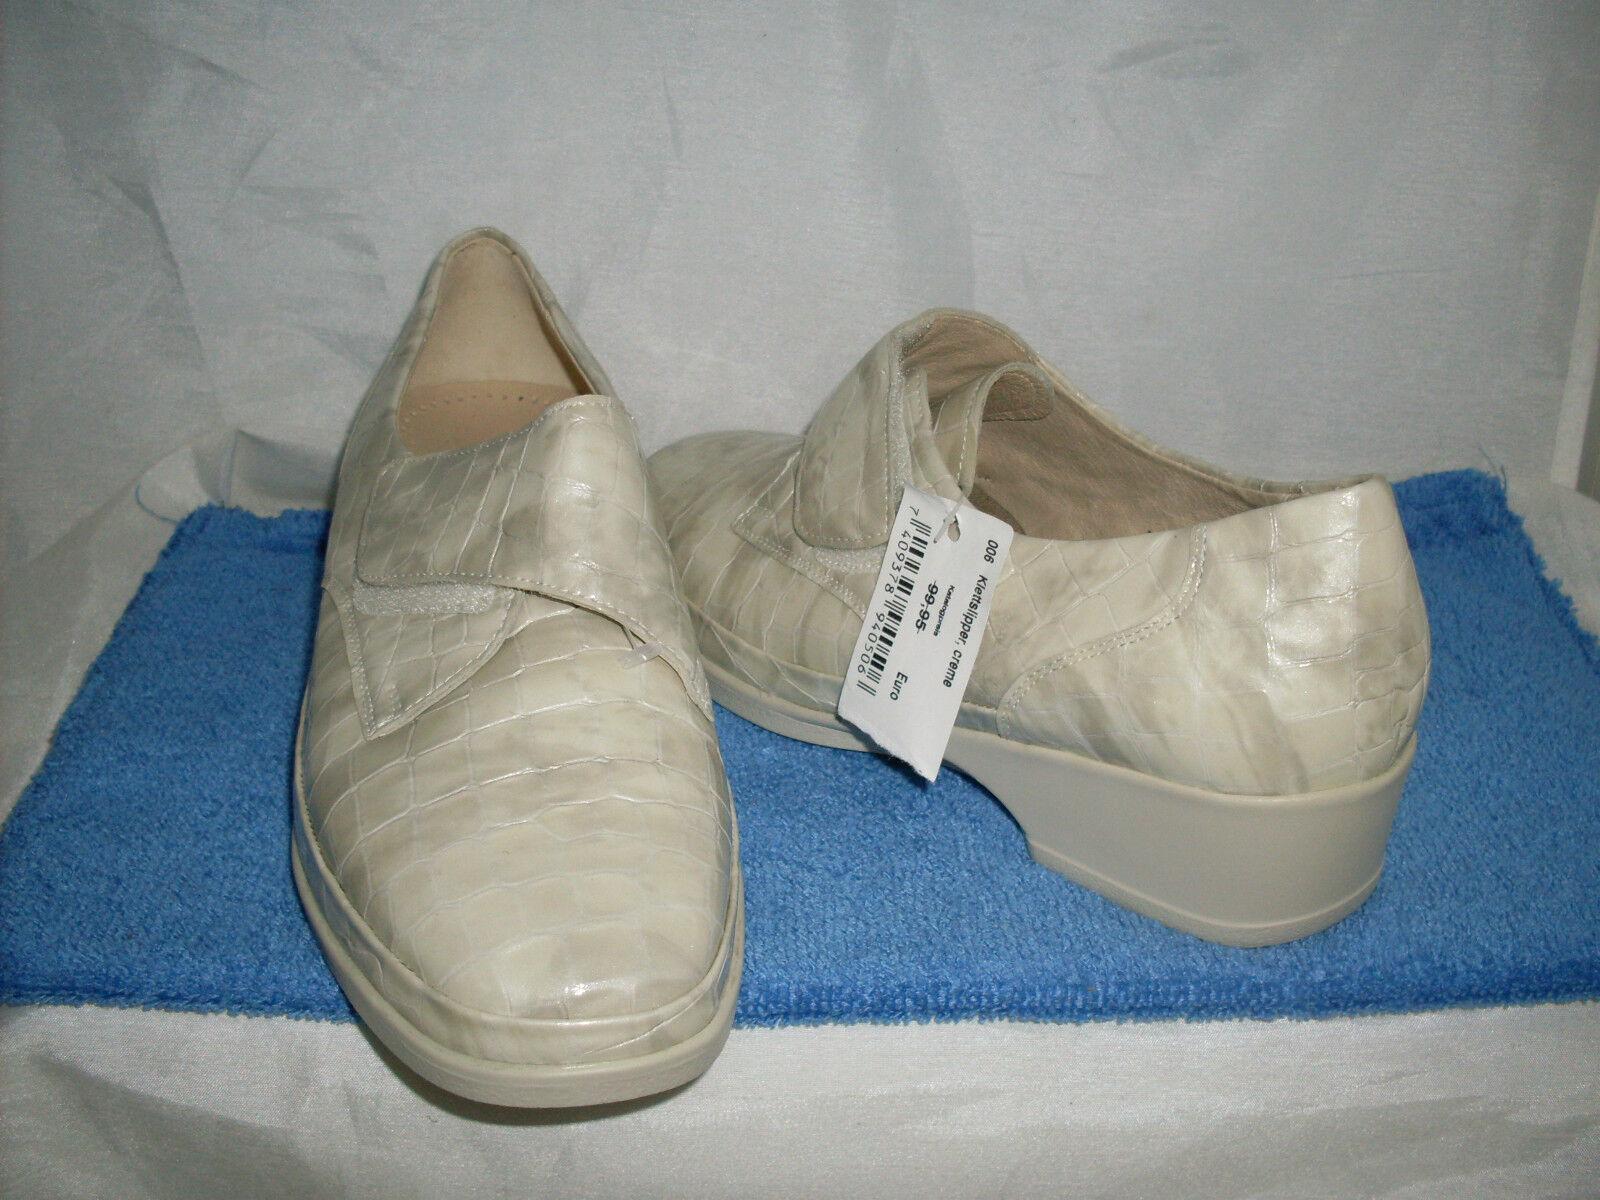 Scarpa da donna foresta alfiere Velcro Slipper Nuovo Taglia 8,5 42,5 G in CEME & pelle verniciata